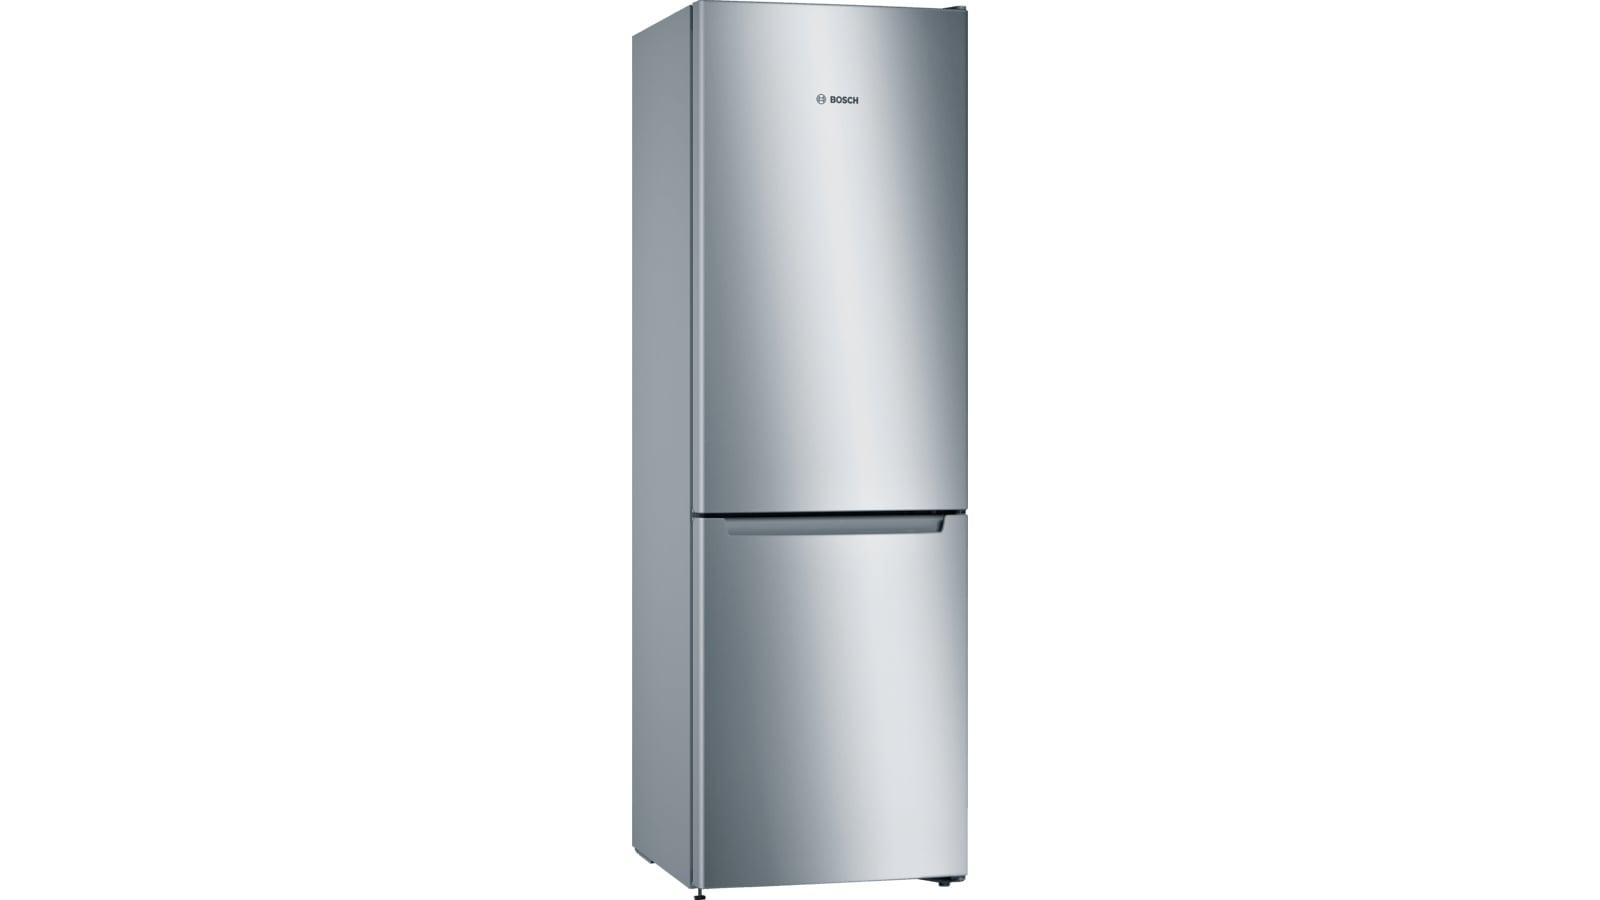 Tủ lạnh đơn Bosch KGN33NLEAG